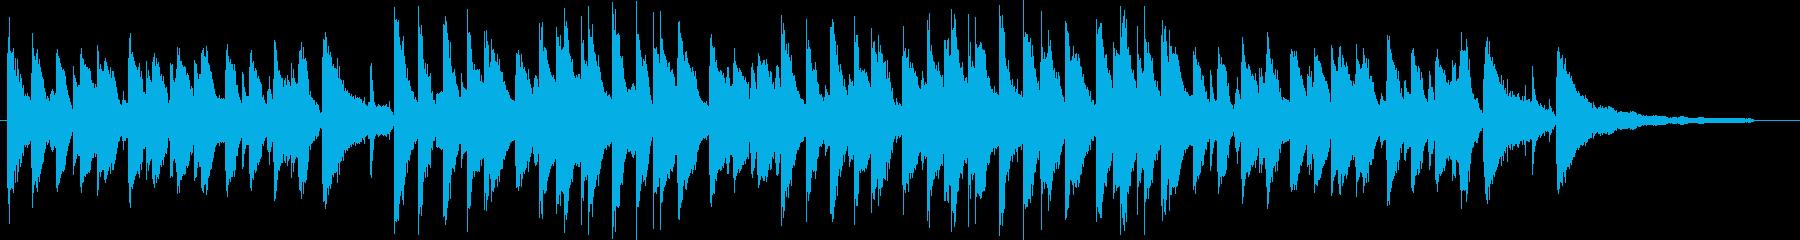 明るくポジティブな流行のサウンド♪の再生済みの波形